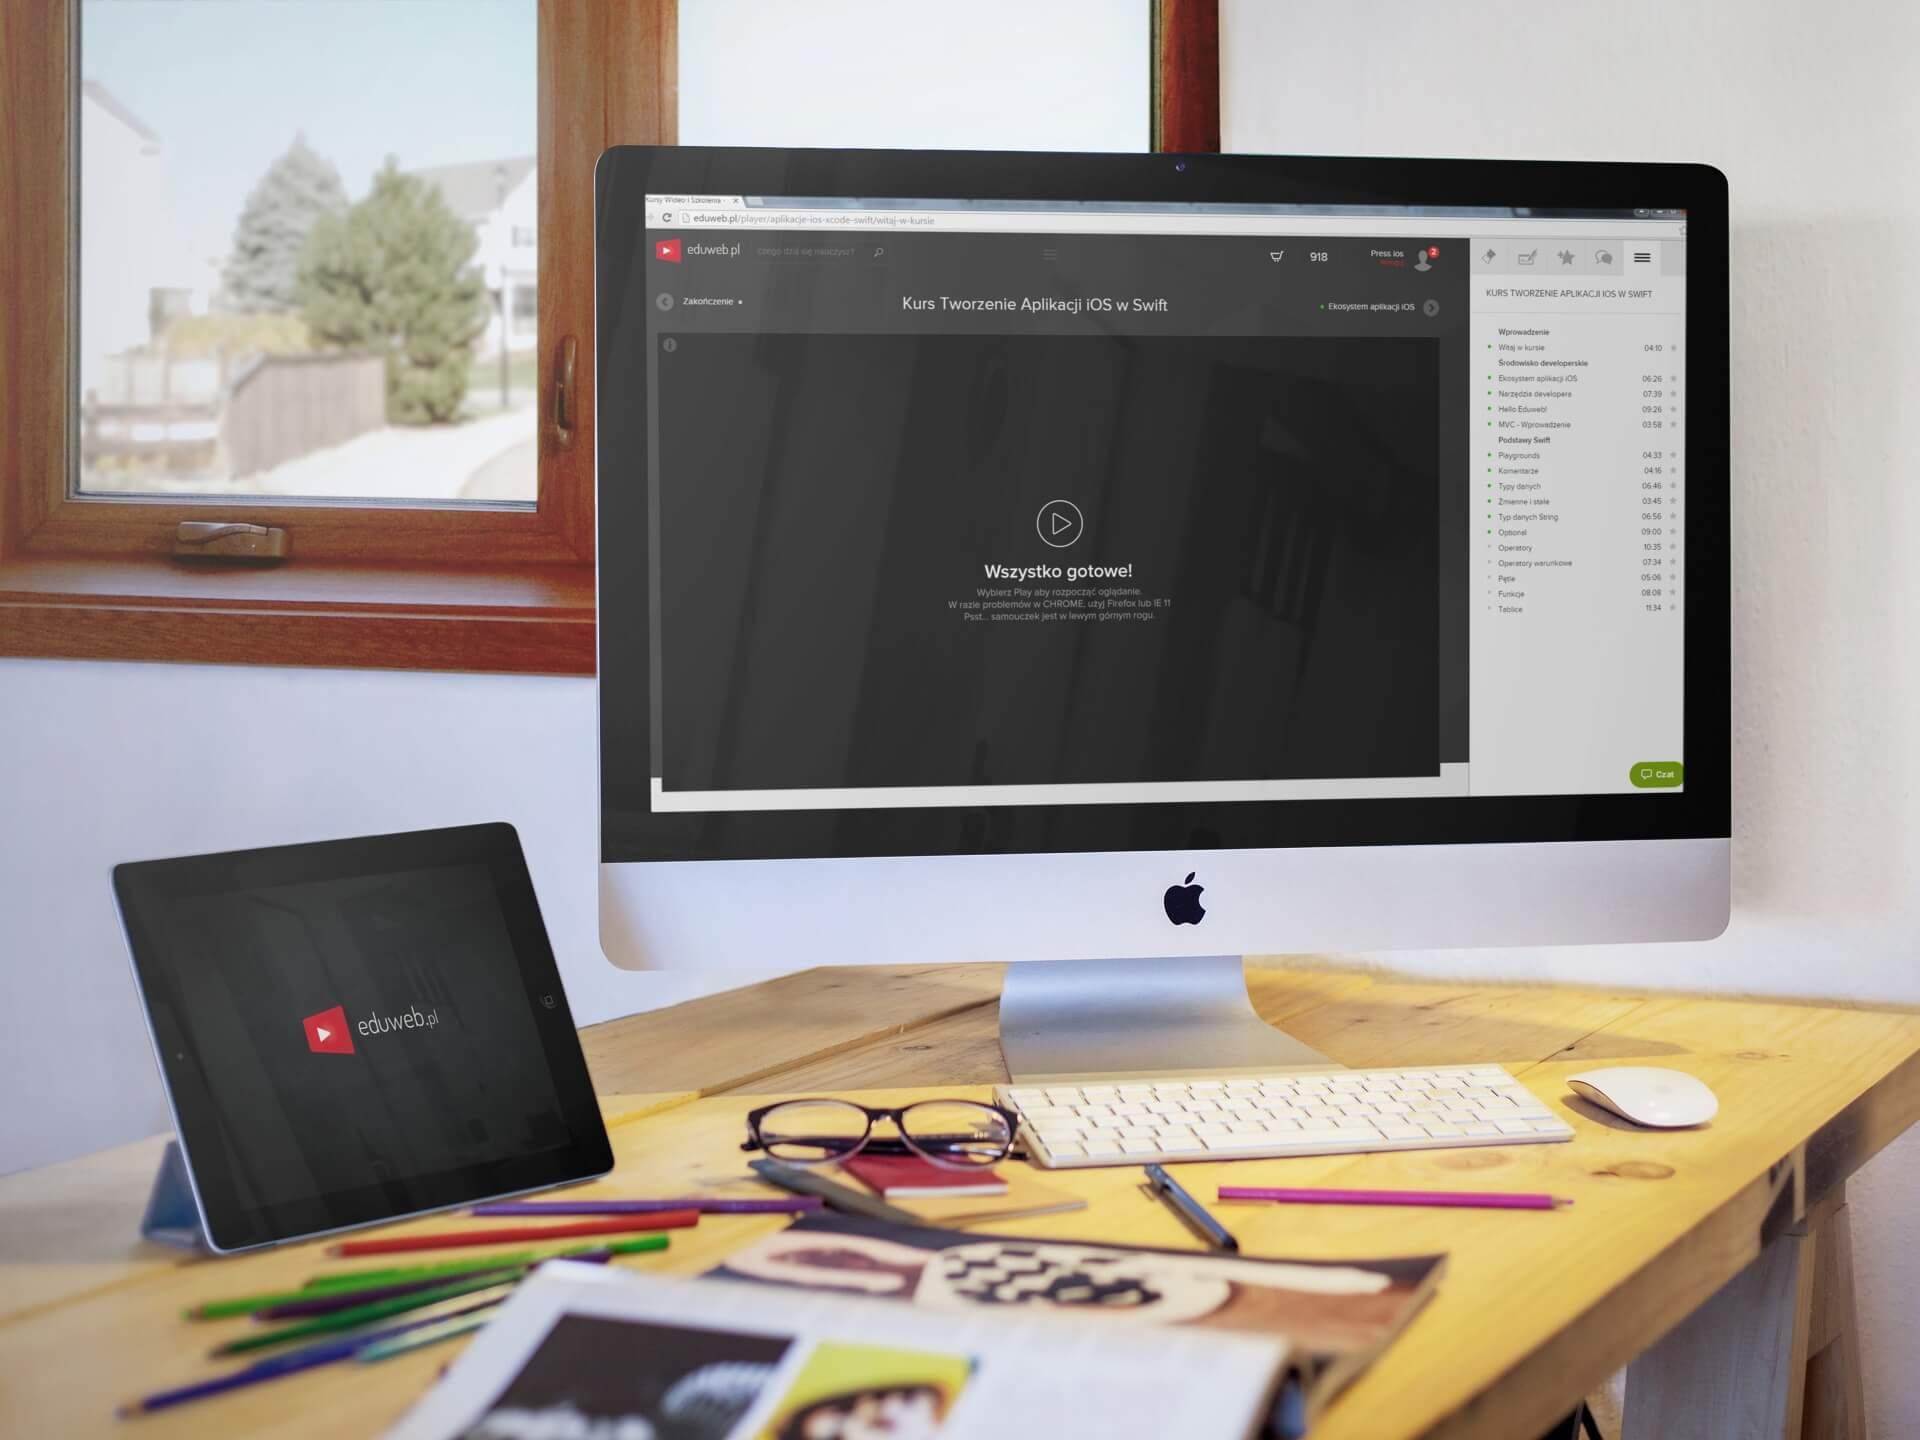 Kurs Tworzenie Aplikacji iOS w Swift